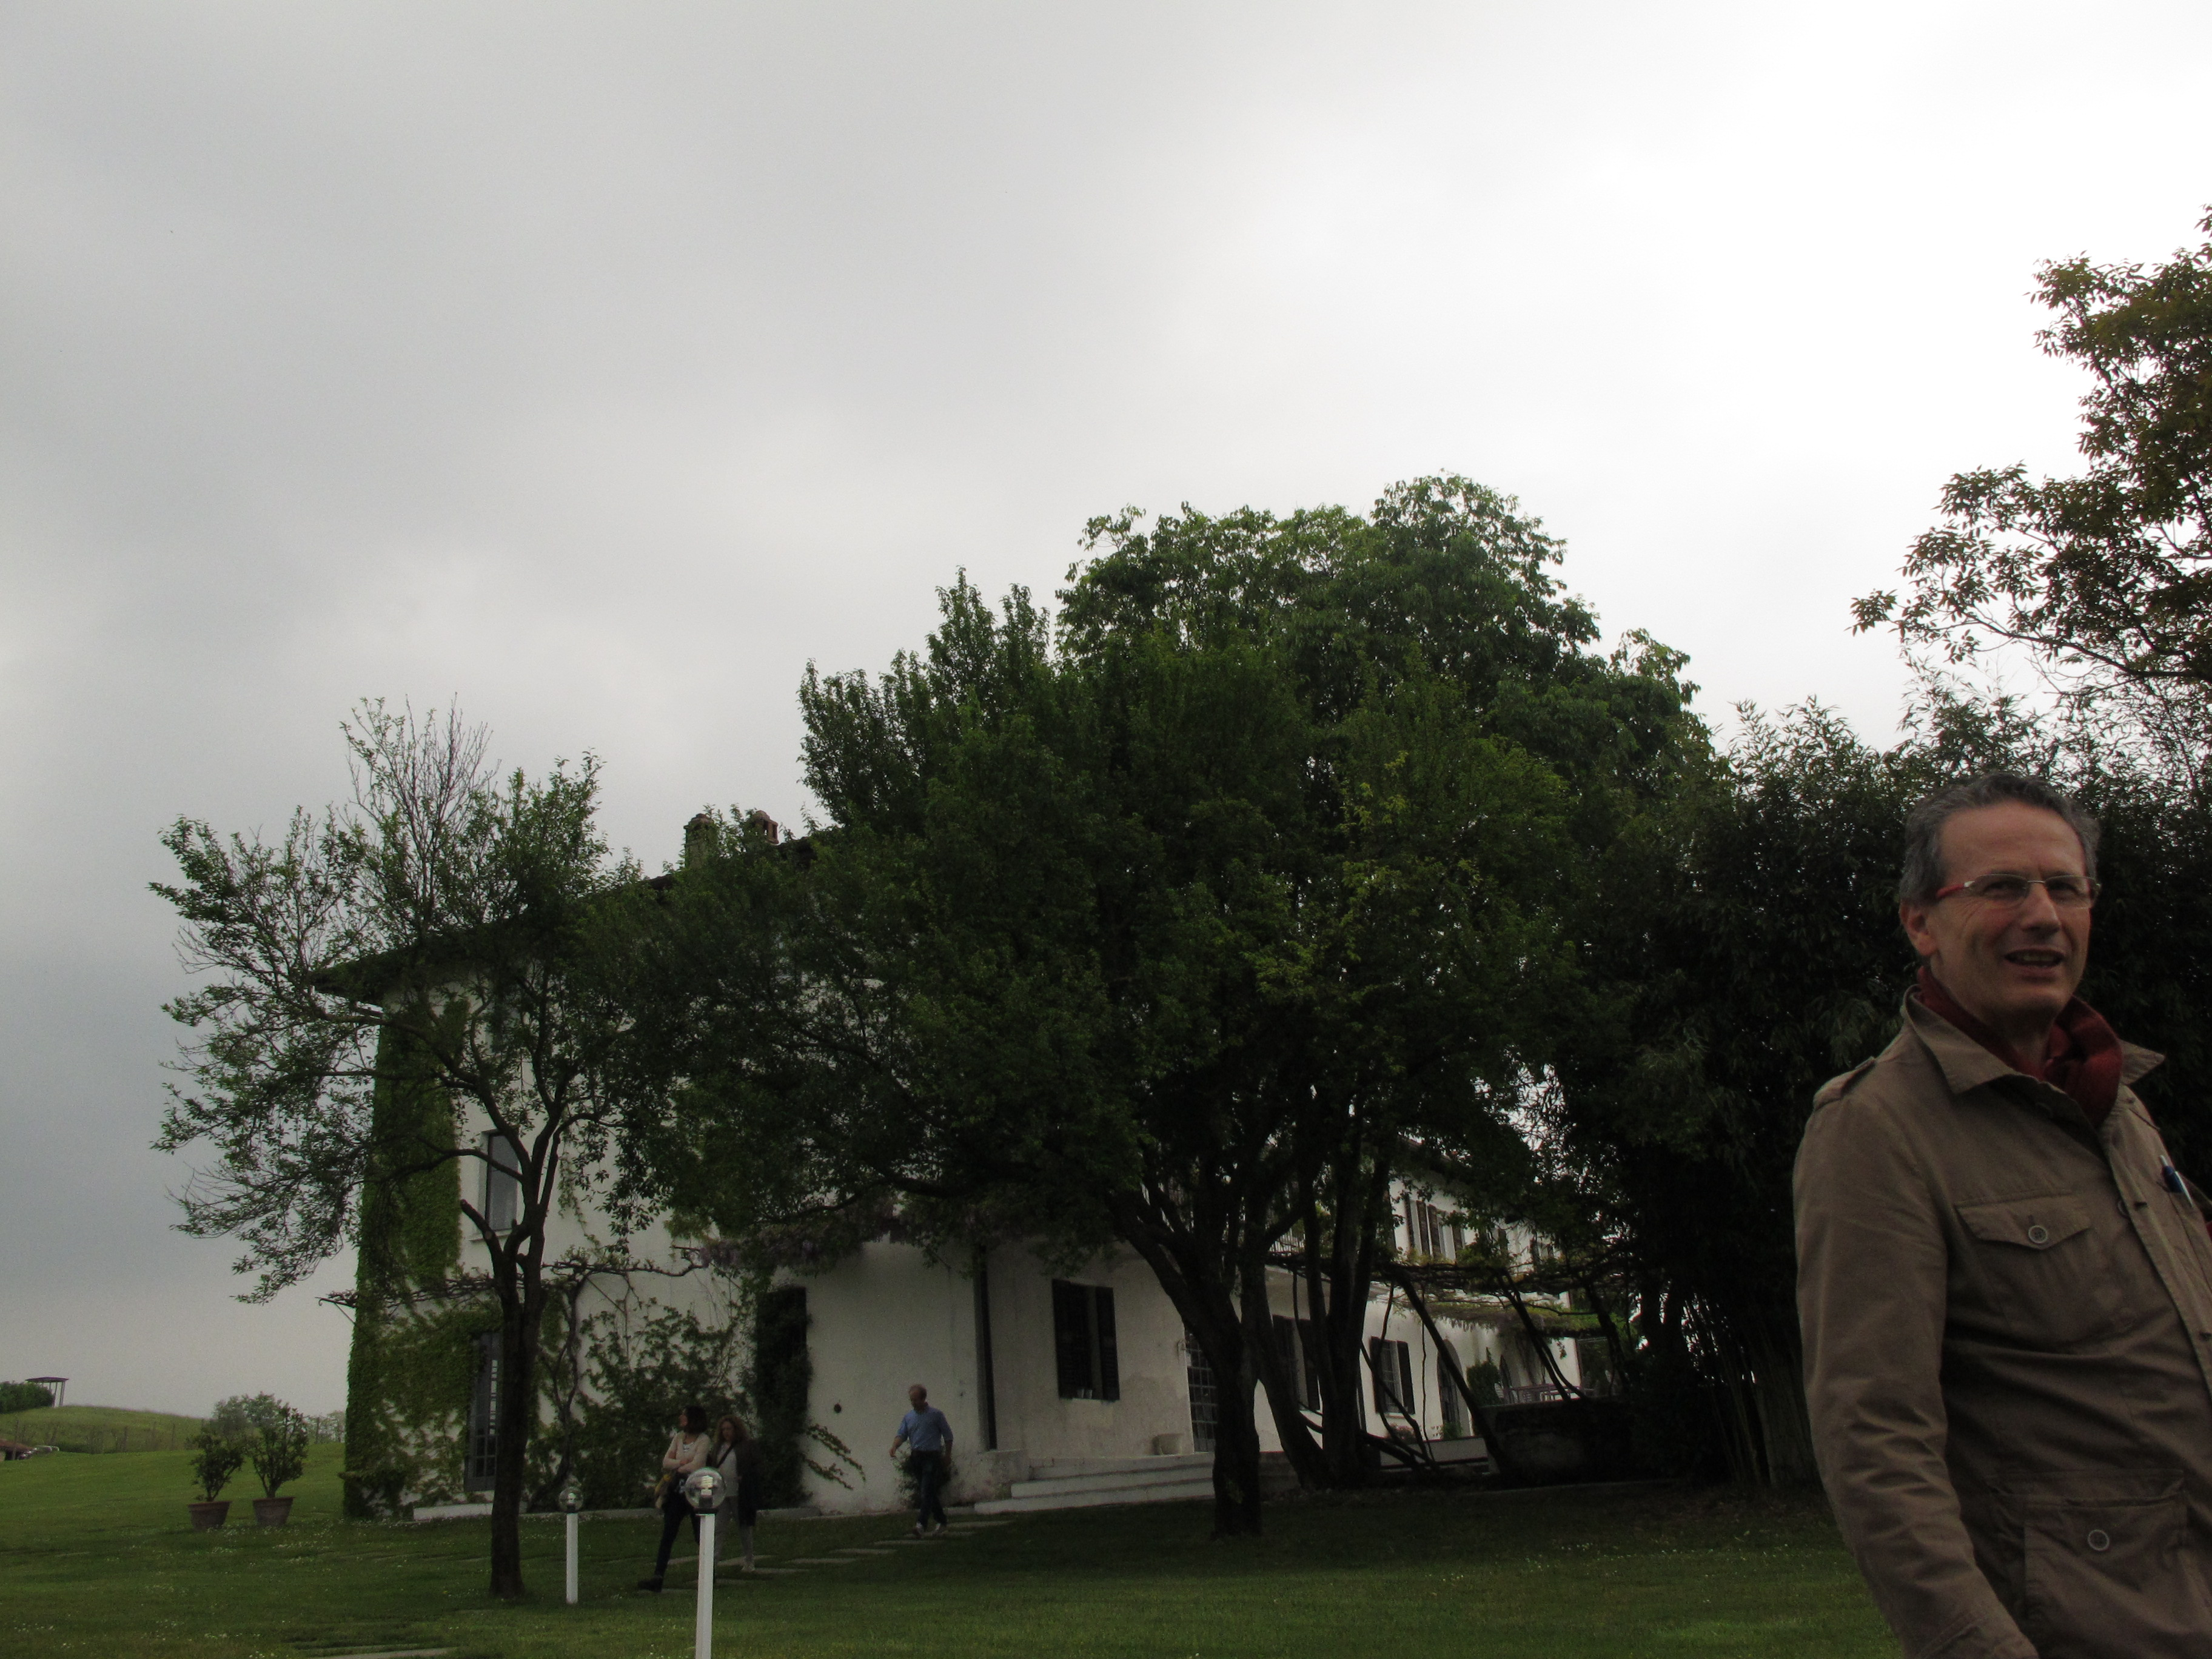 Visita ai luoghi gardesani_03 maggio 2015_46.JPG